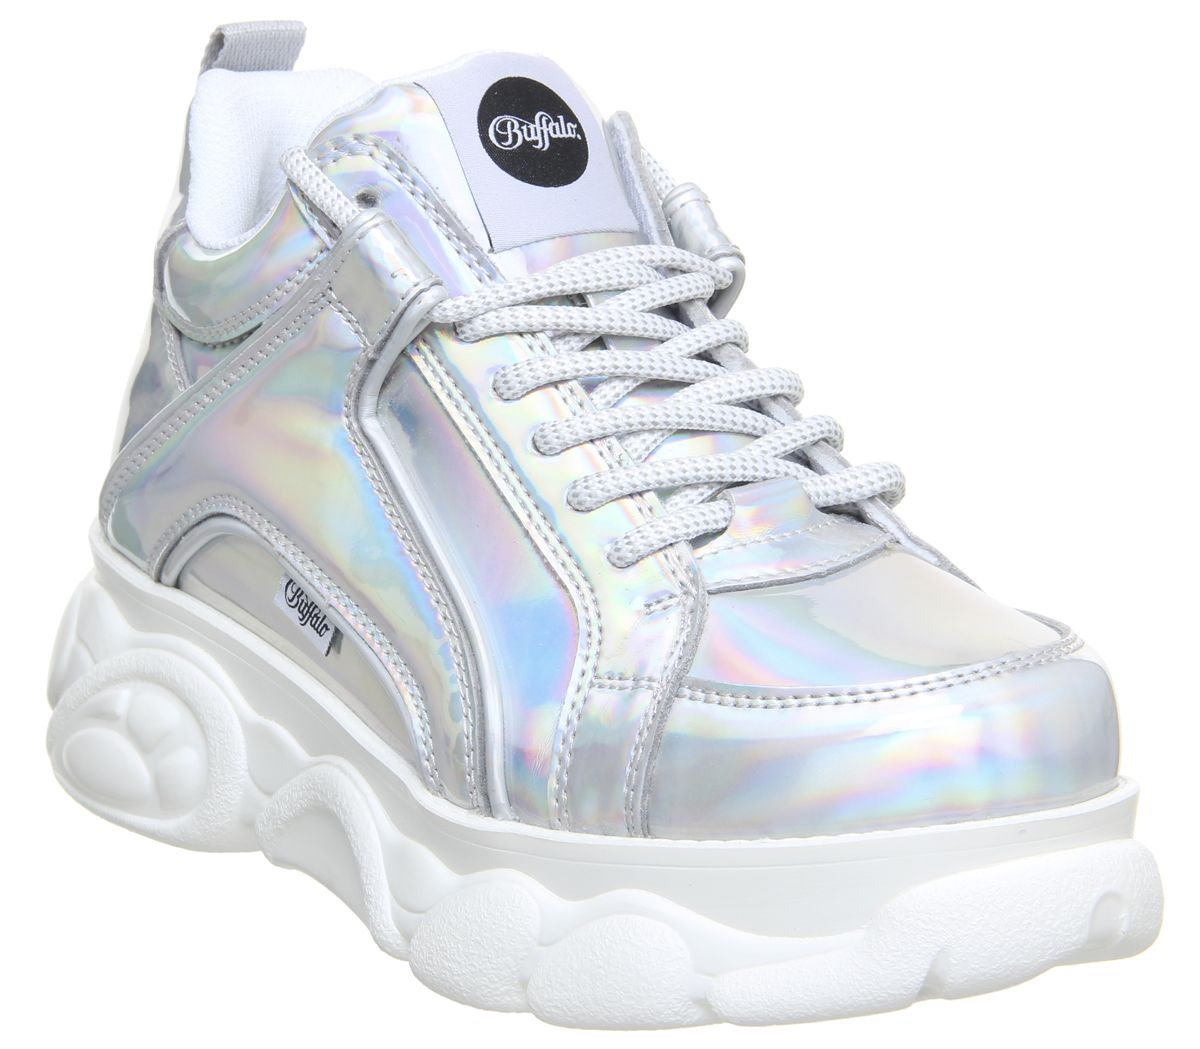 Chaussures femme BUFFALO Corin Basse Baskets Bleu Marine Flats